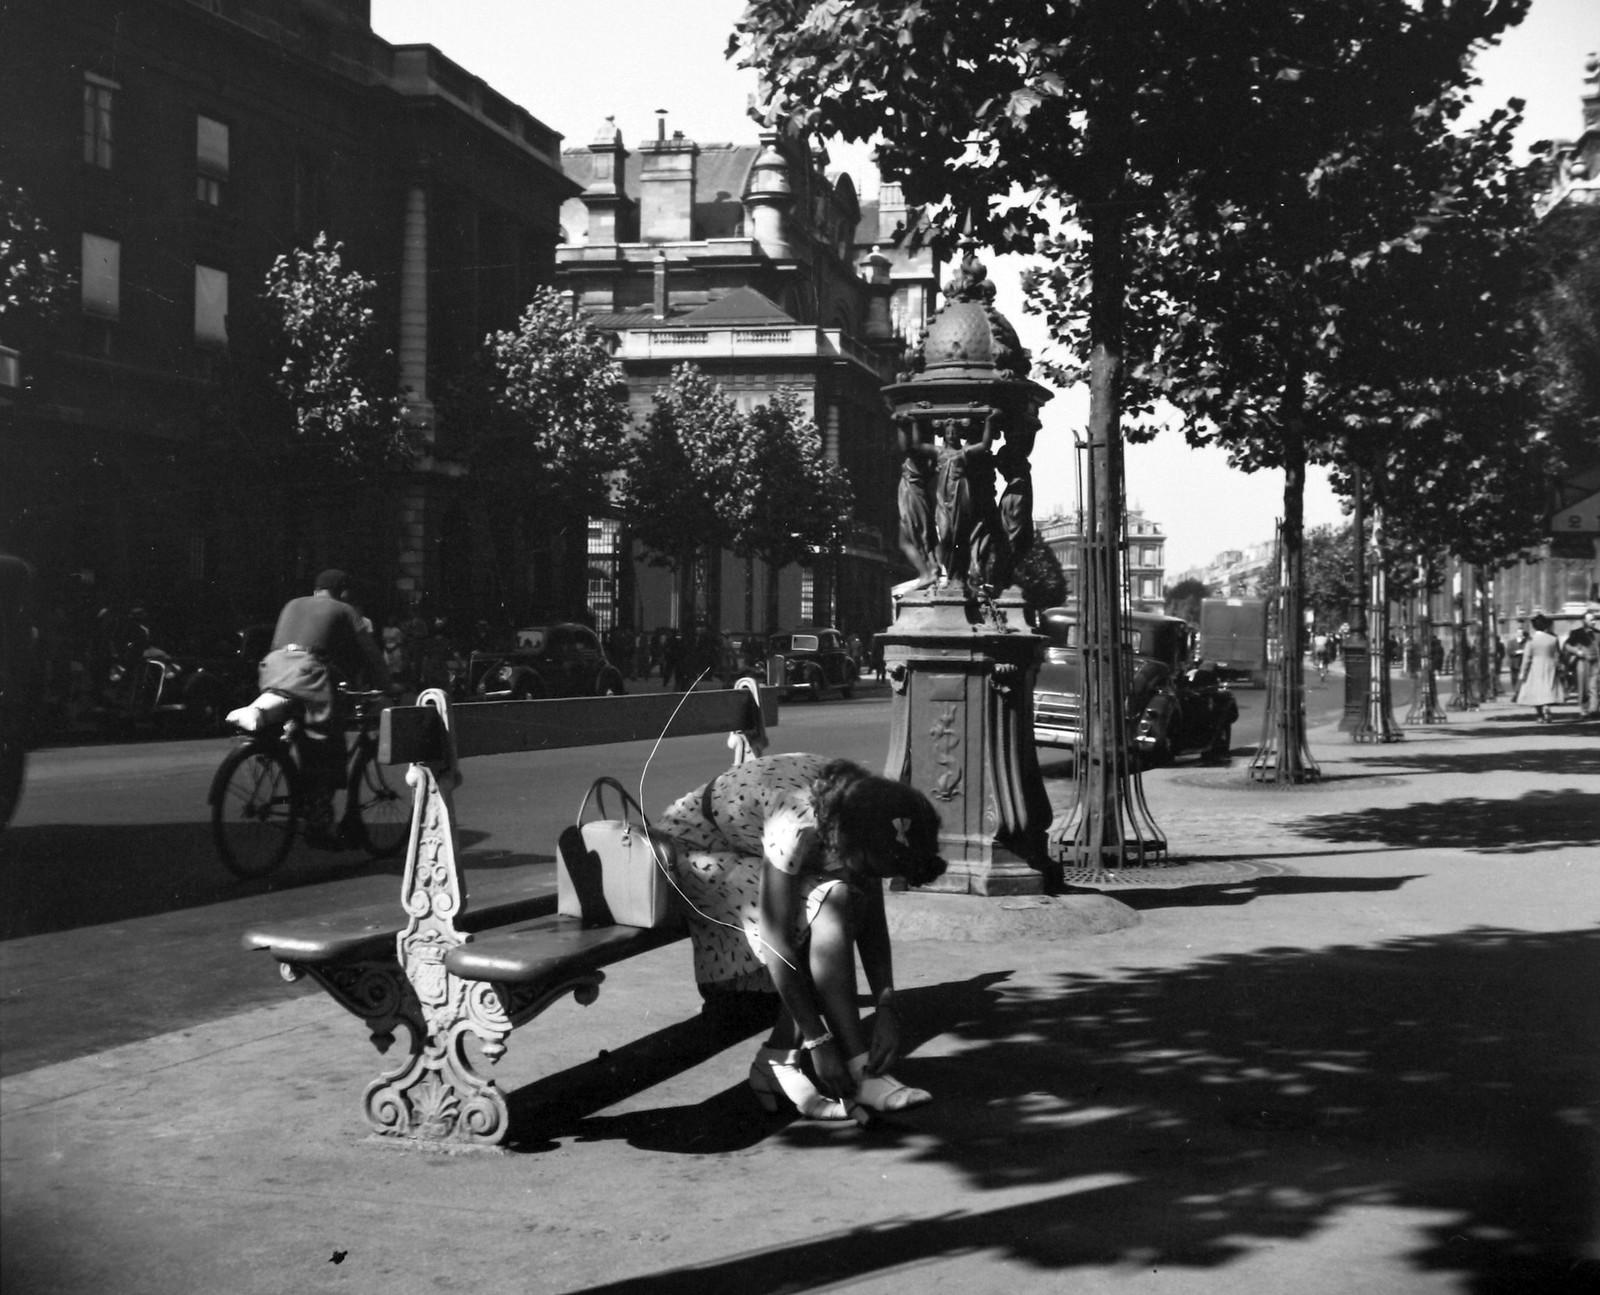 1939. Иль-де-ла-Сите, бульвар дю Пале в направлении Шатле